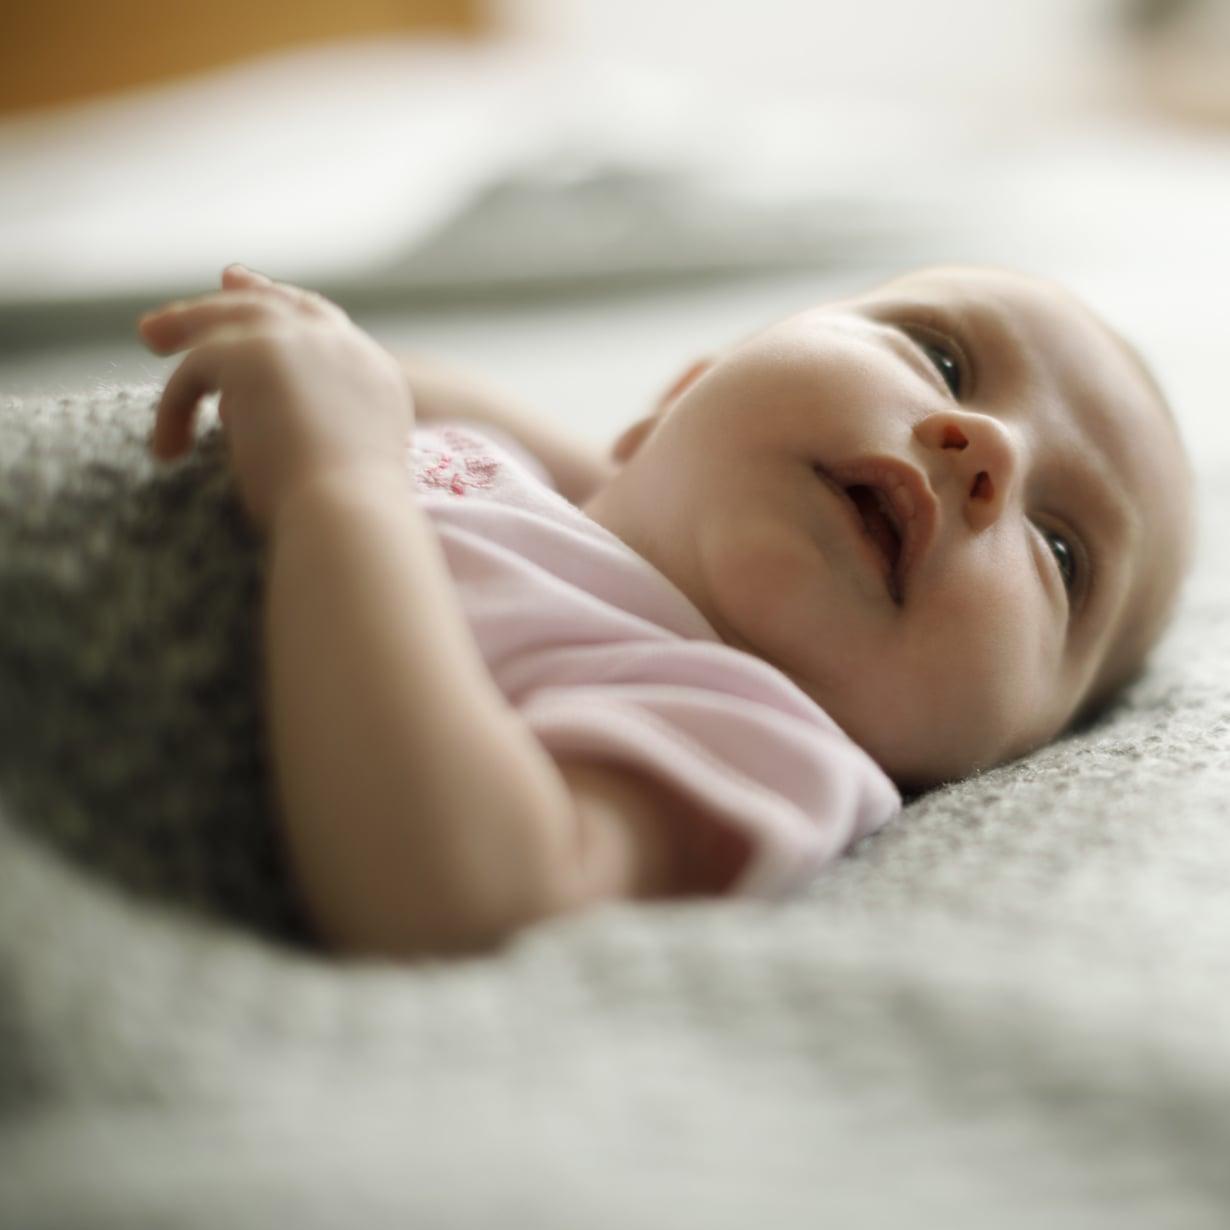 Kuulolla. Pieni vauva ei vielä näe kauas mutta kuulee tarkasti. Kuva: iStockphoto